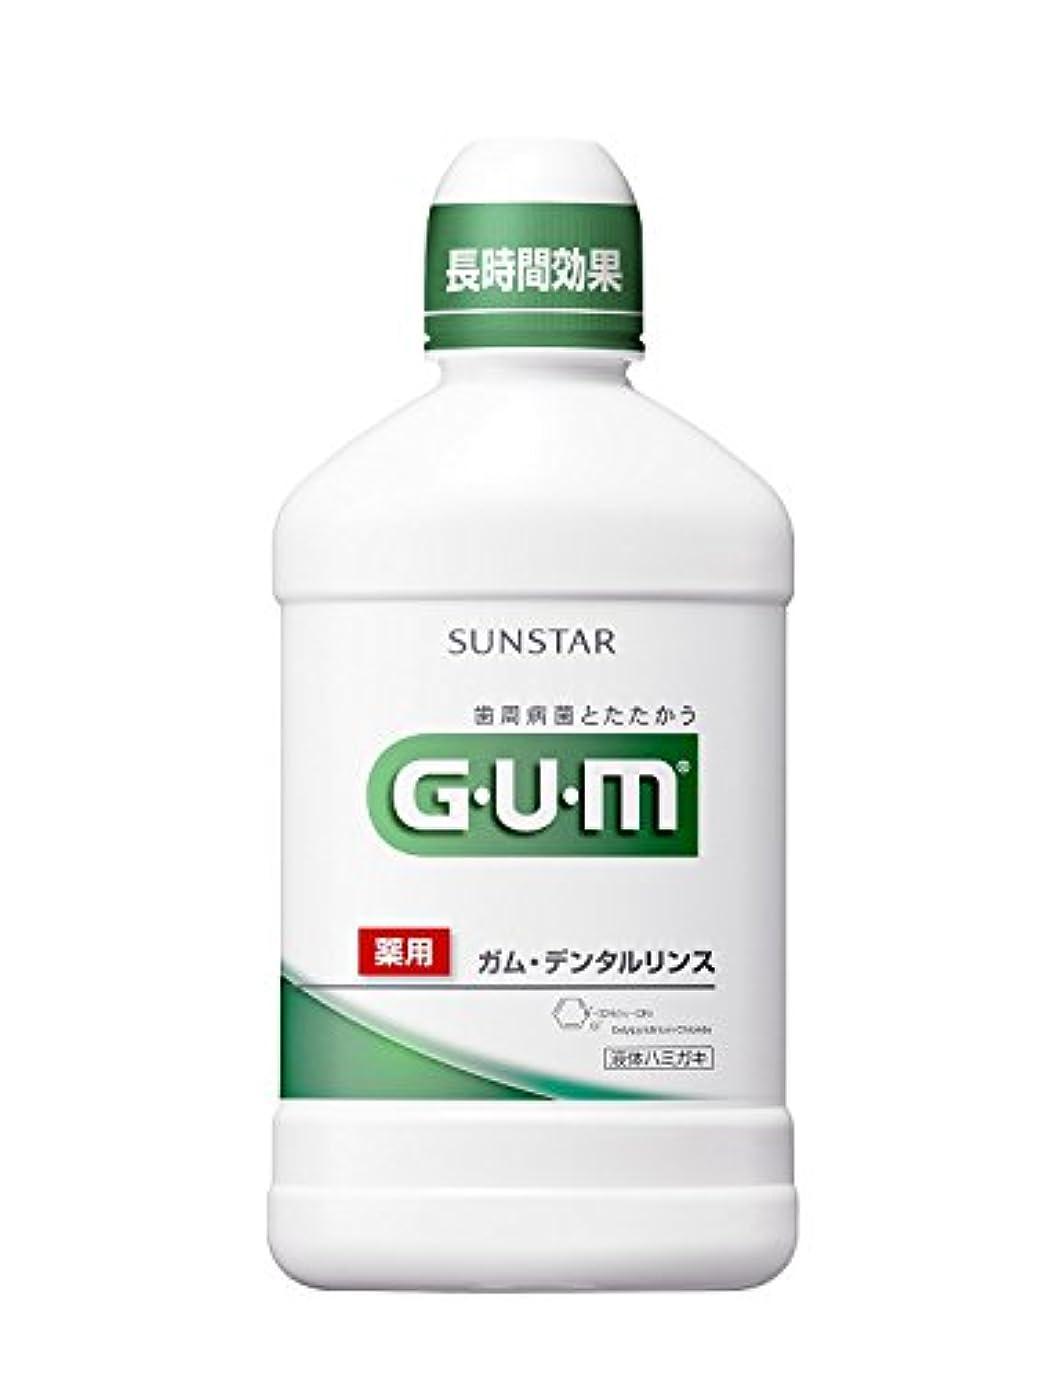 ユーザー祝福絶滅した薬用GUM(ガム) デンタルリンスBA 500ml